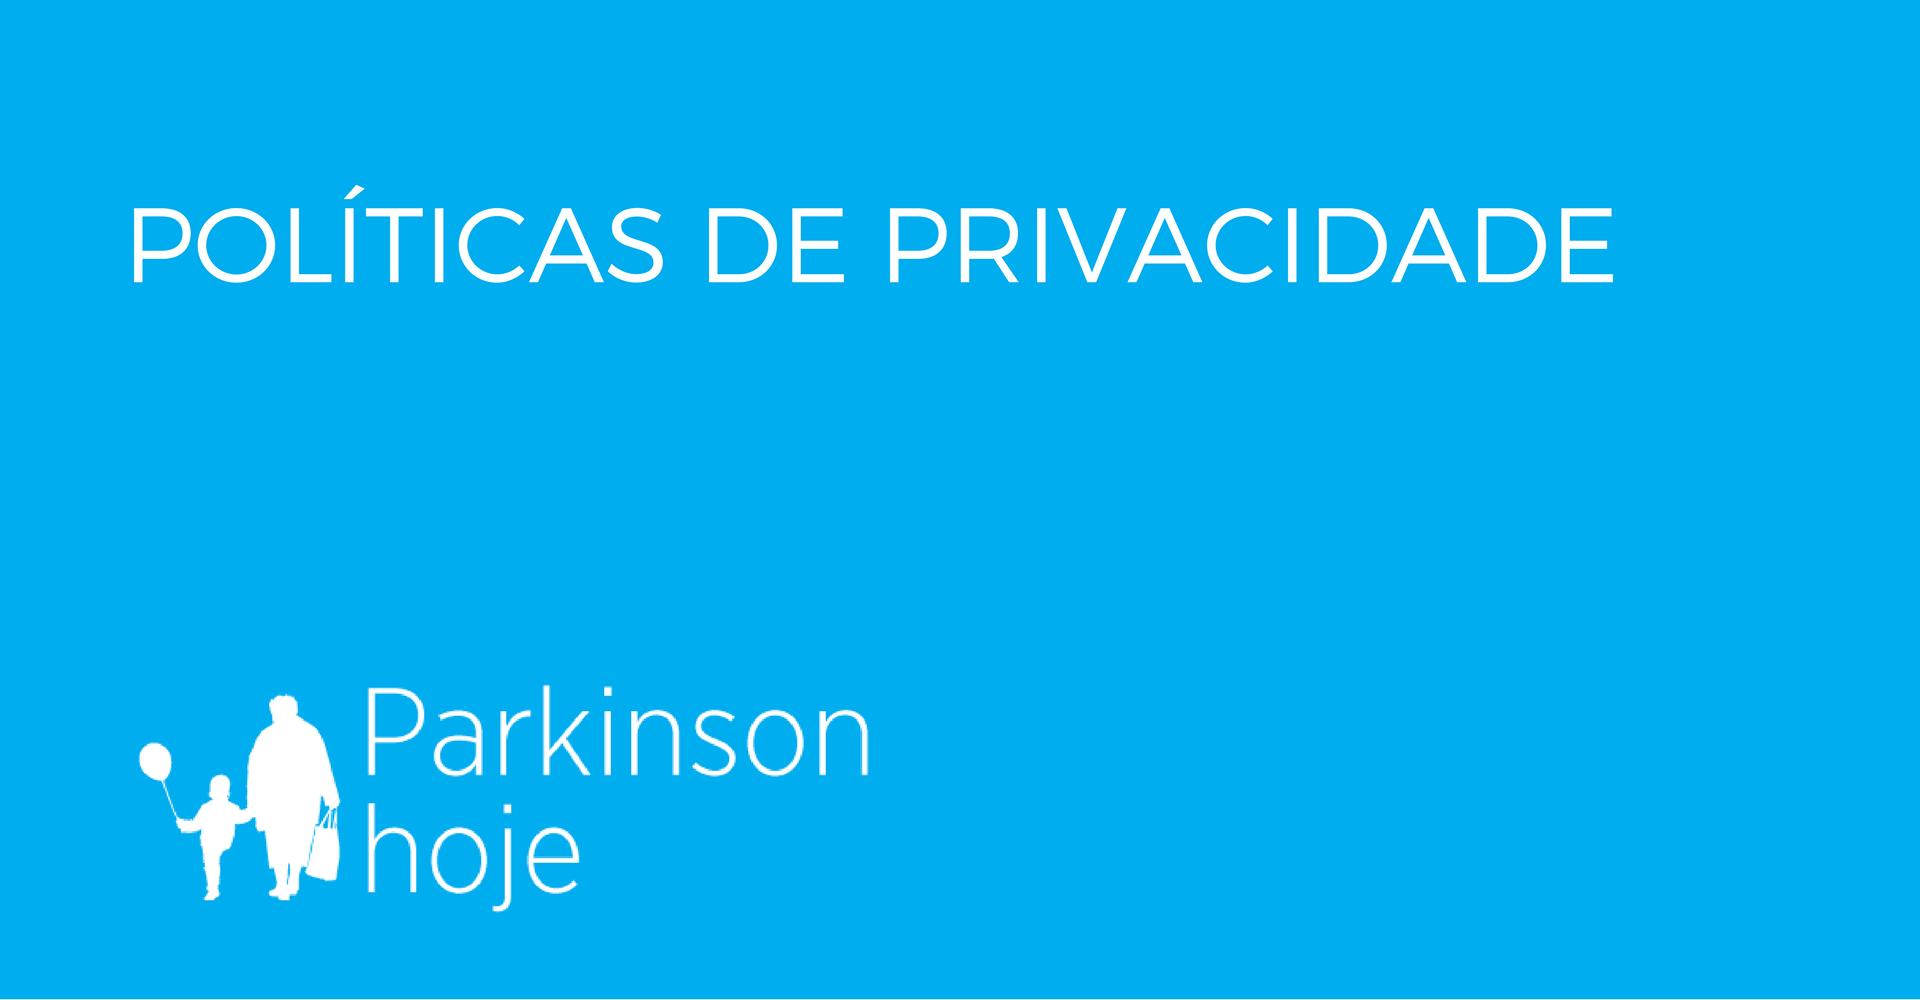 Políticas de Privacidade de Parkinson Hoje